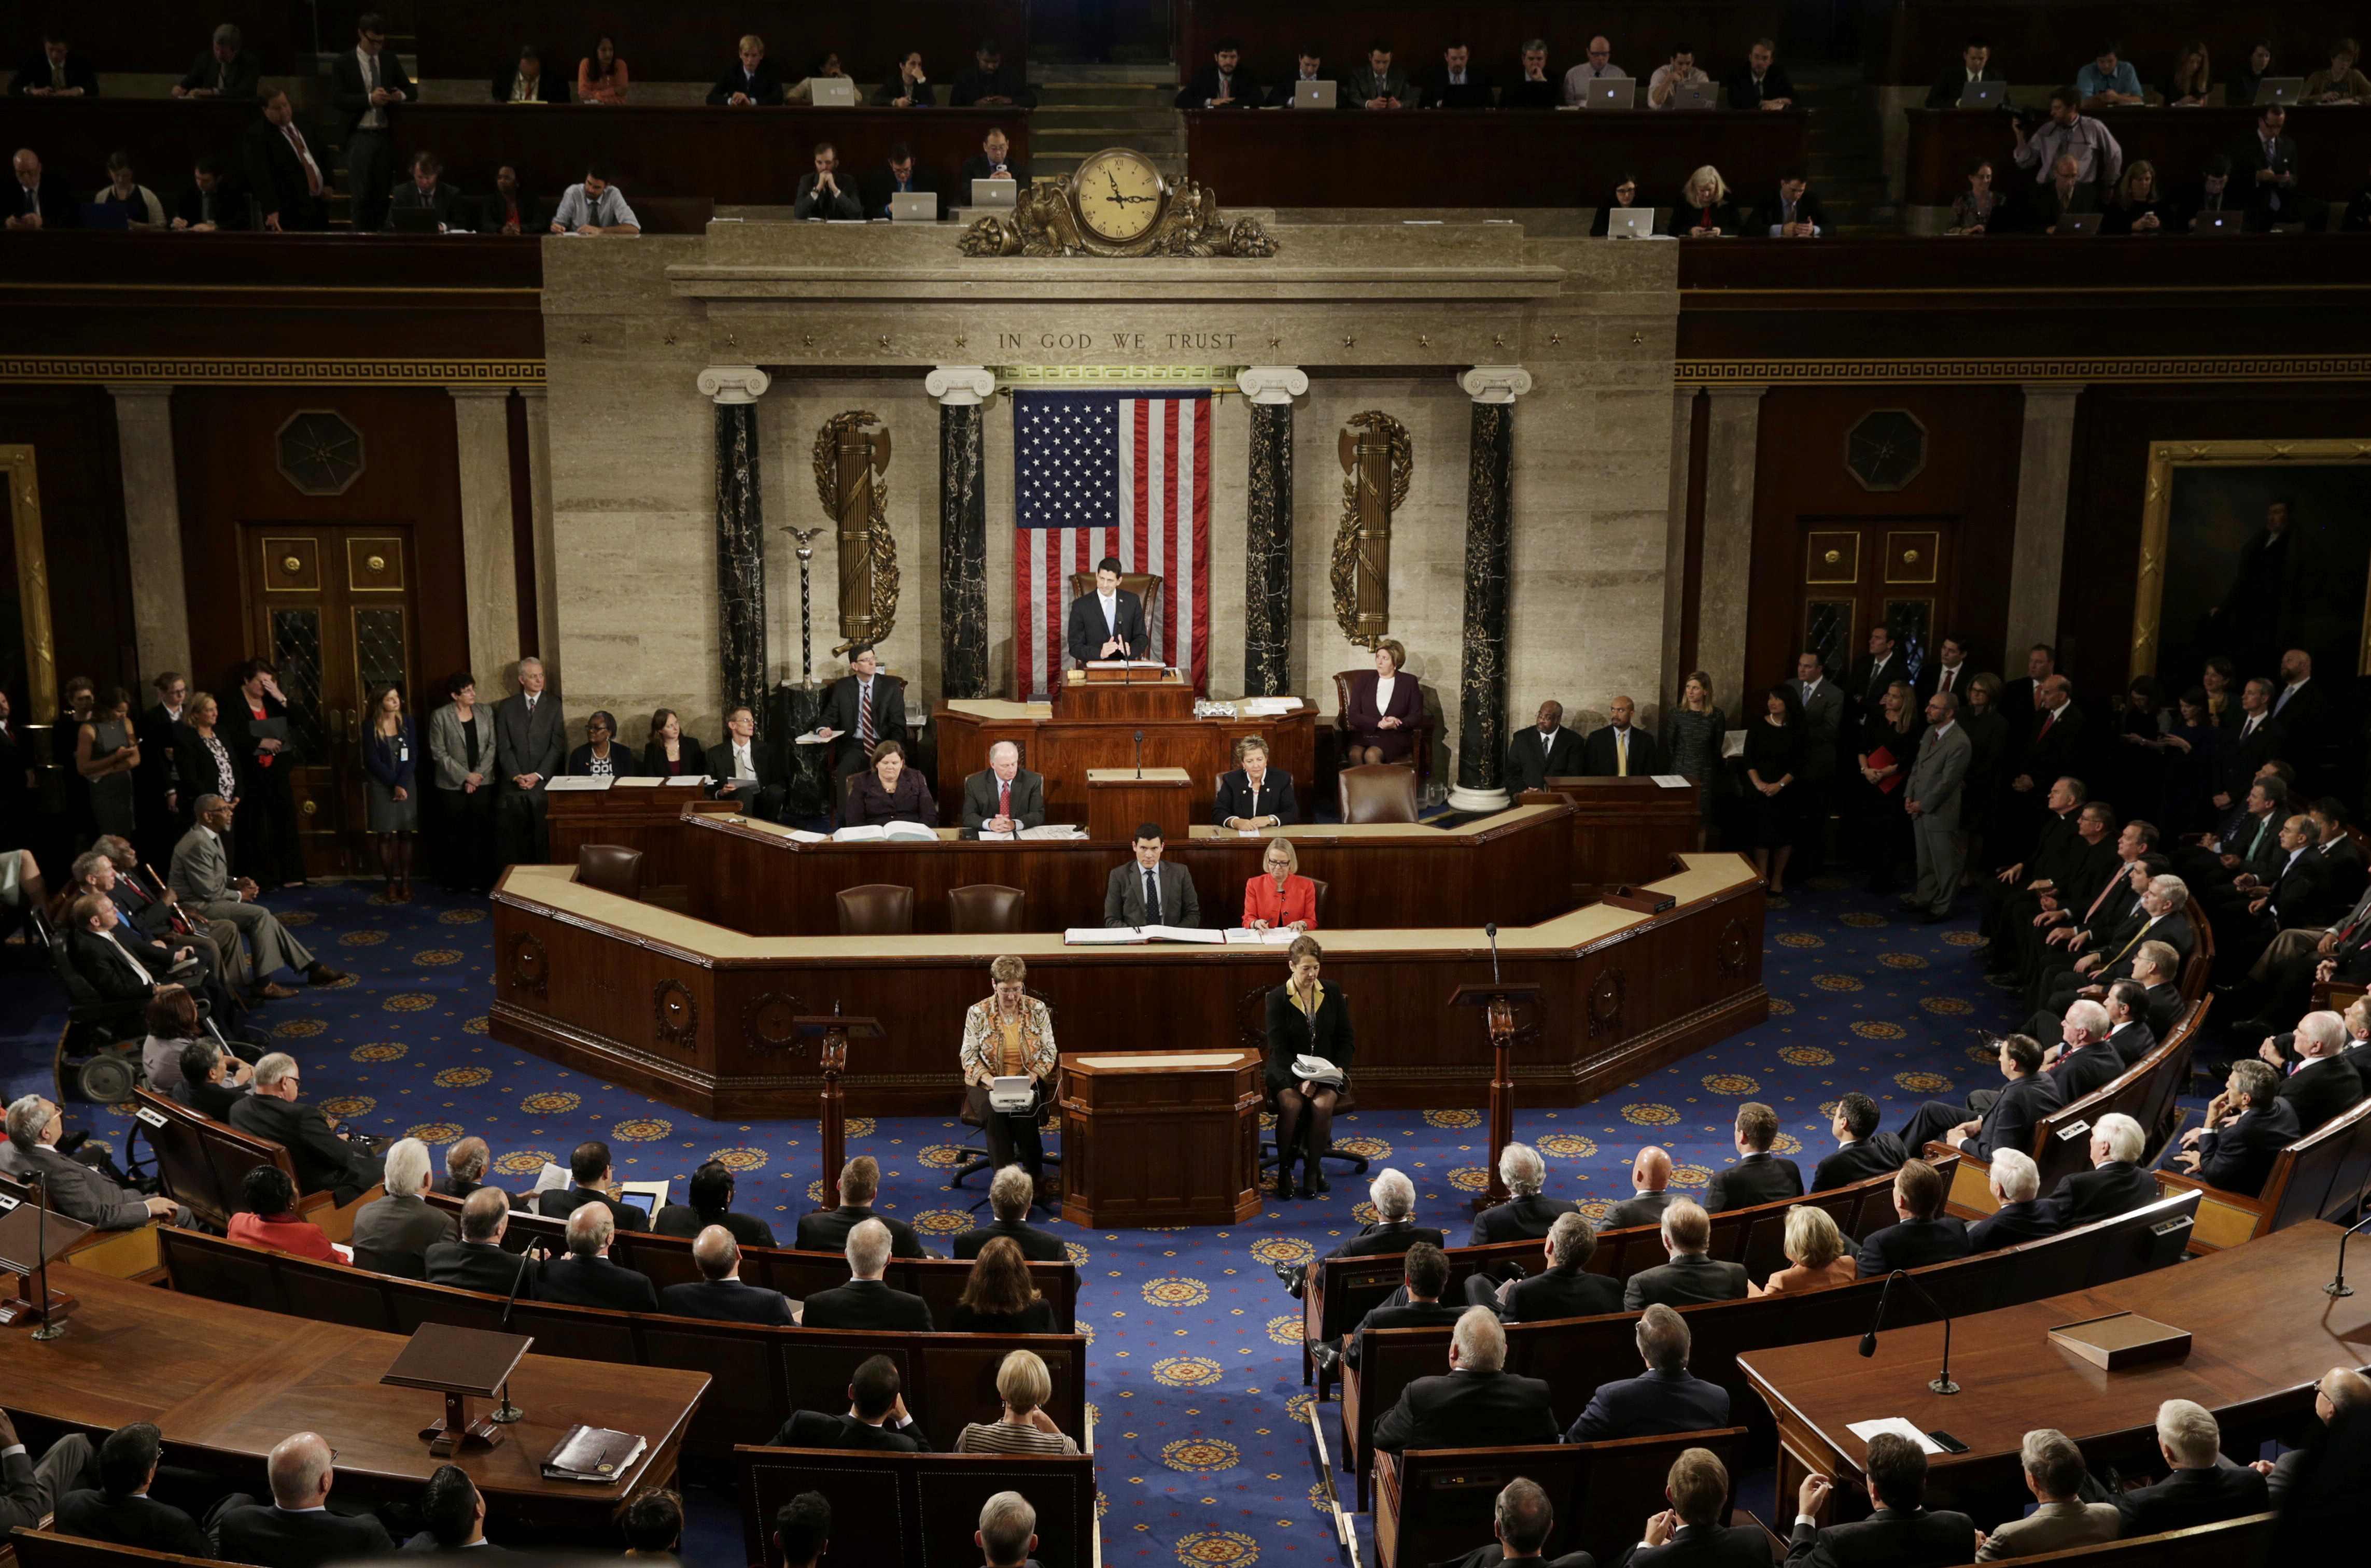 Foto: www.cbsnews.com